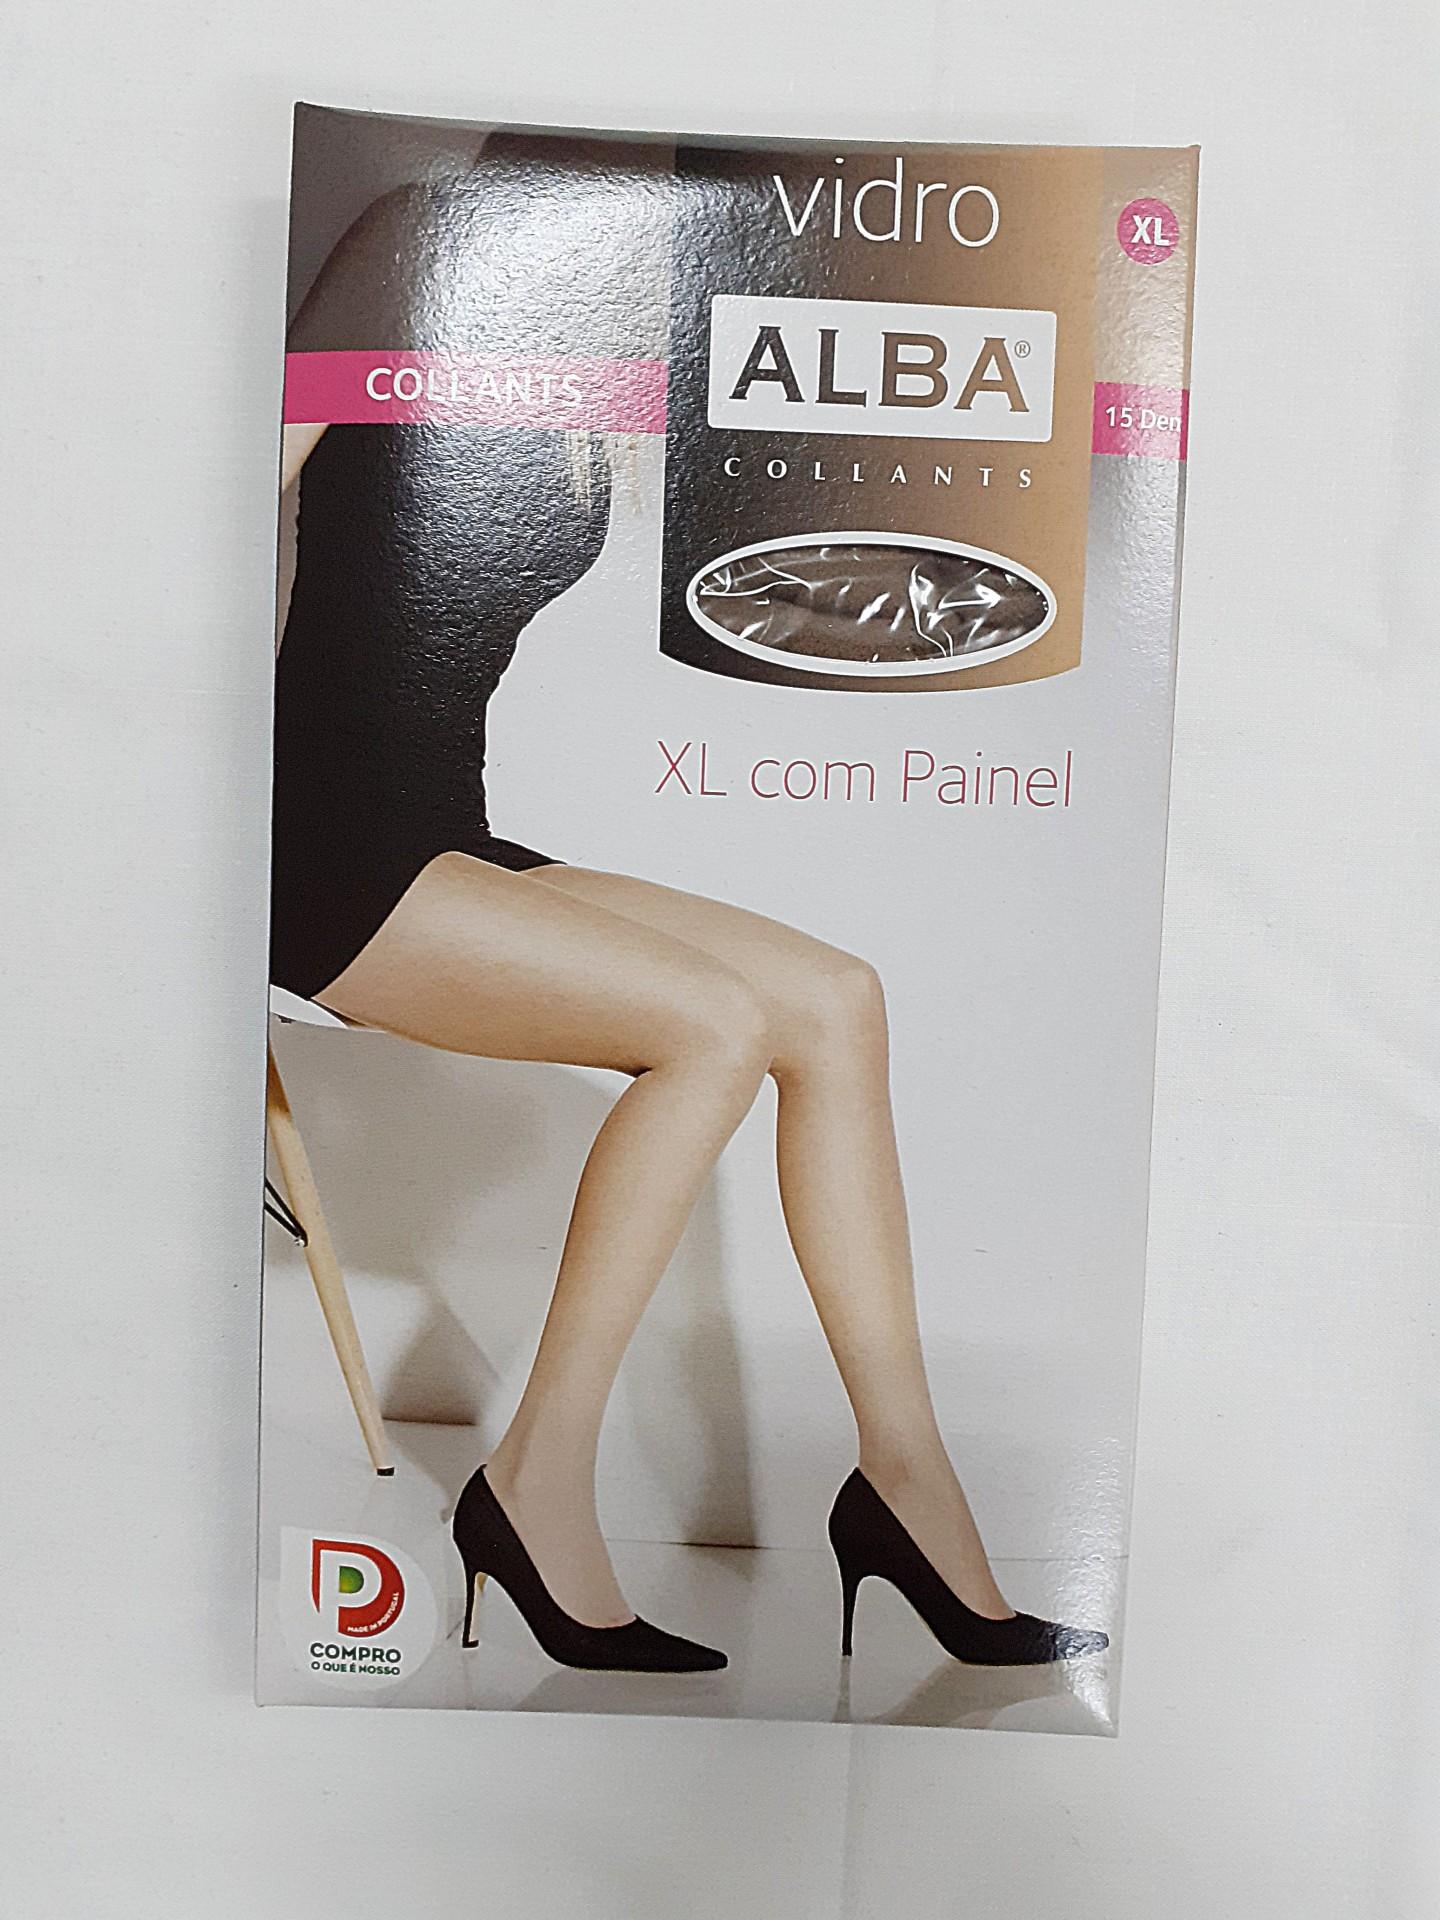 Collant Vidro XL Alba